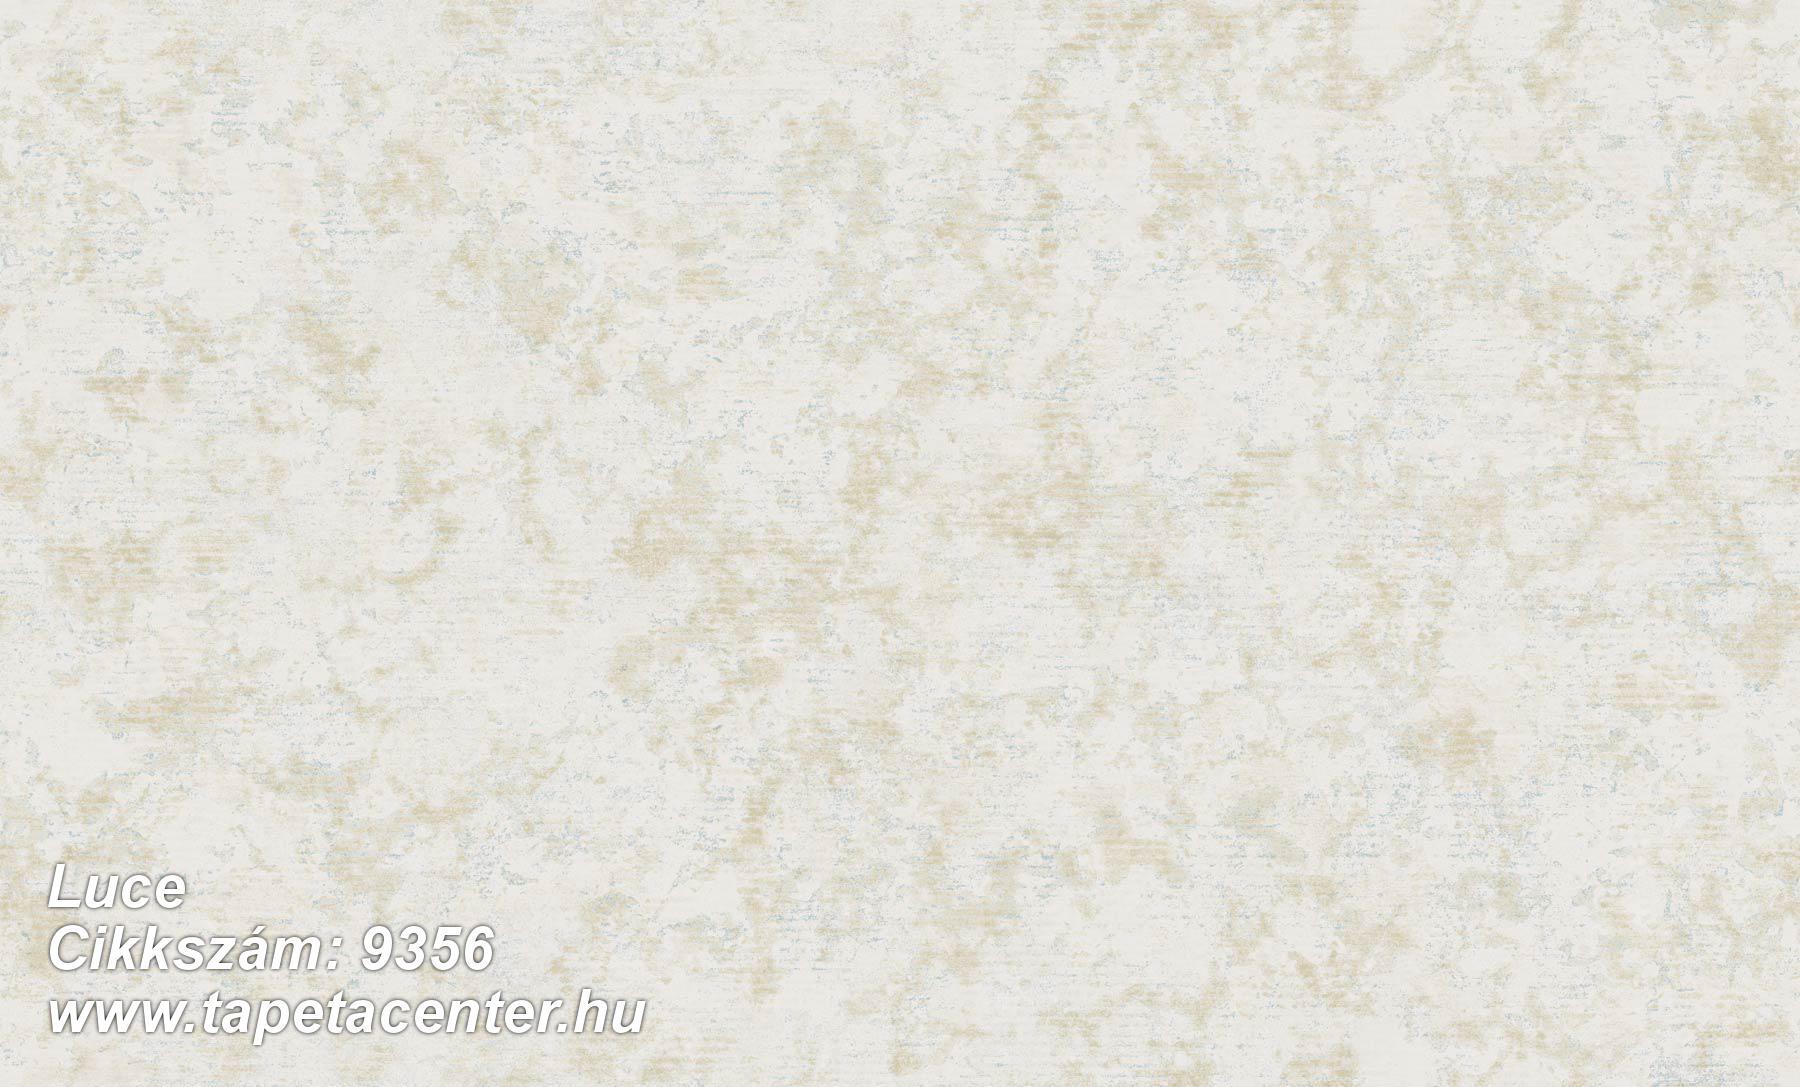 Luce - 9356 Olasz tapéta